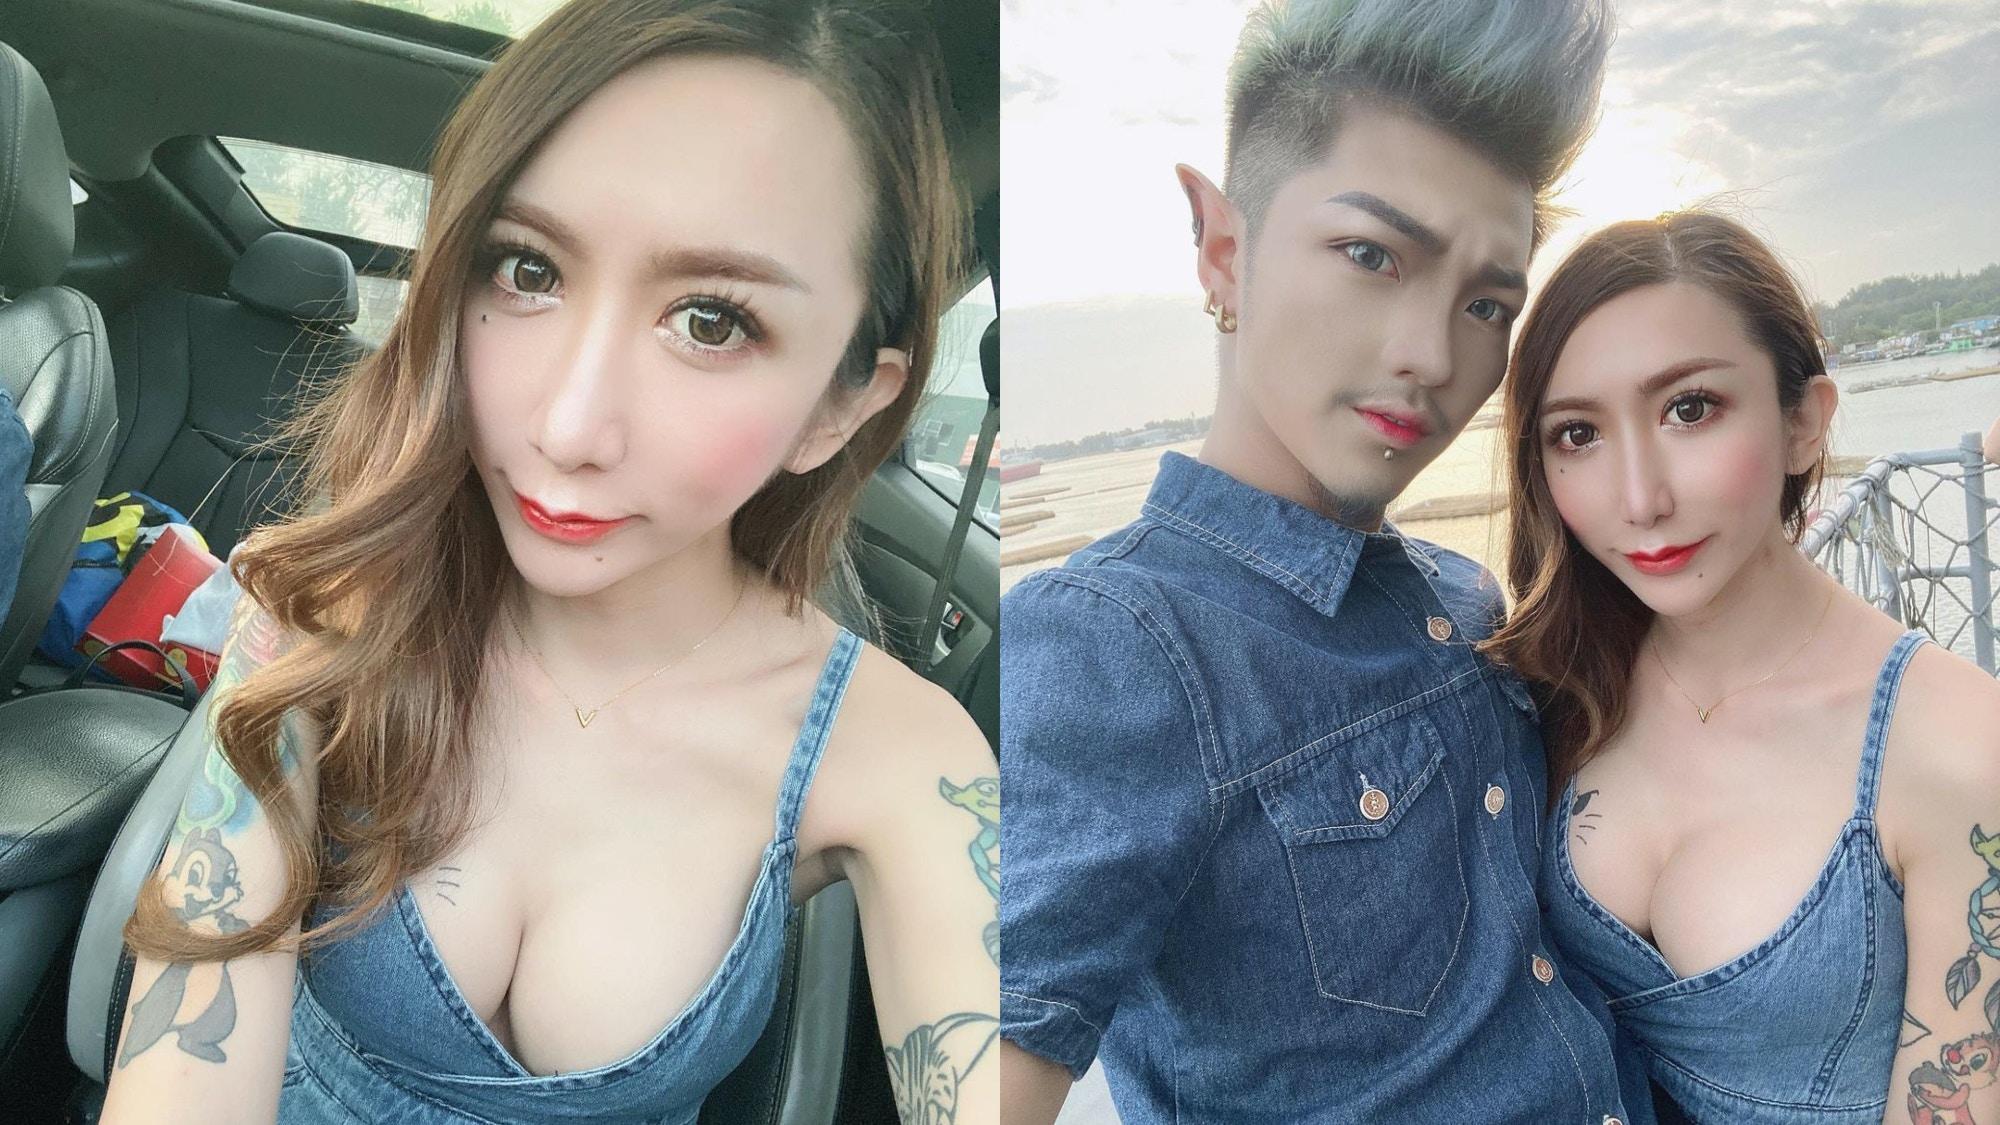 臺美女破壞民宿:這麼爛被拆也剛好!真實身份原來是跨性別網紅? 香港01 熱爆話題